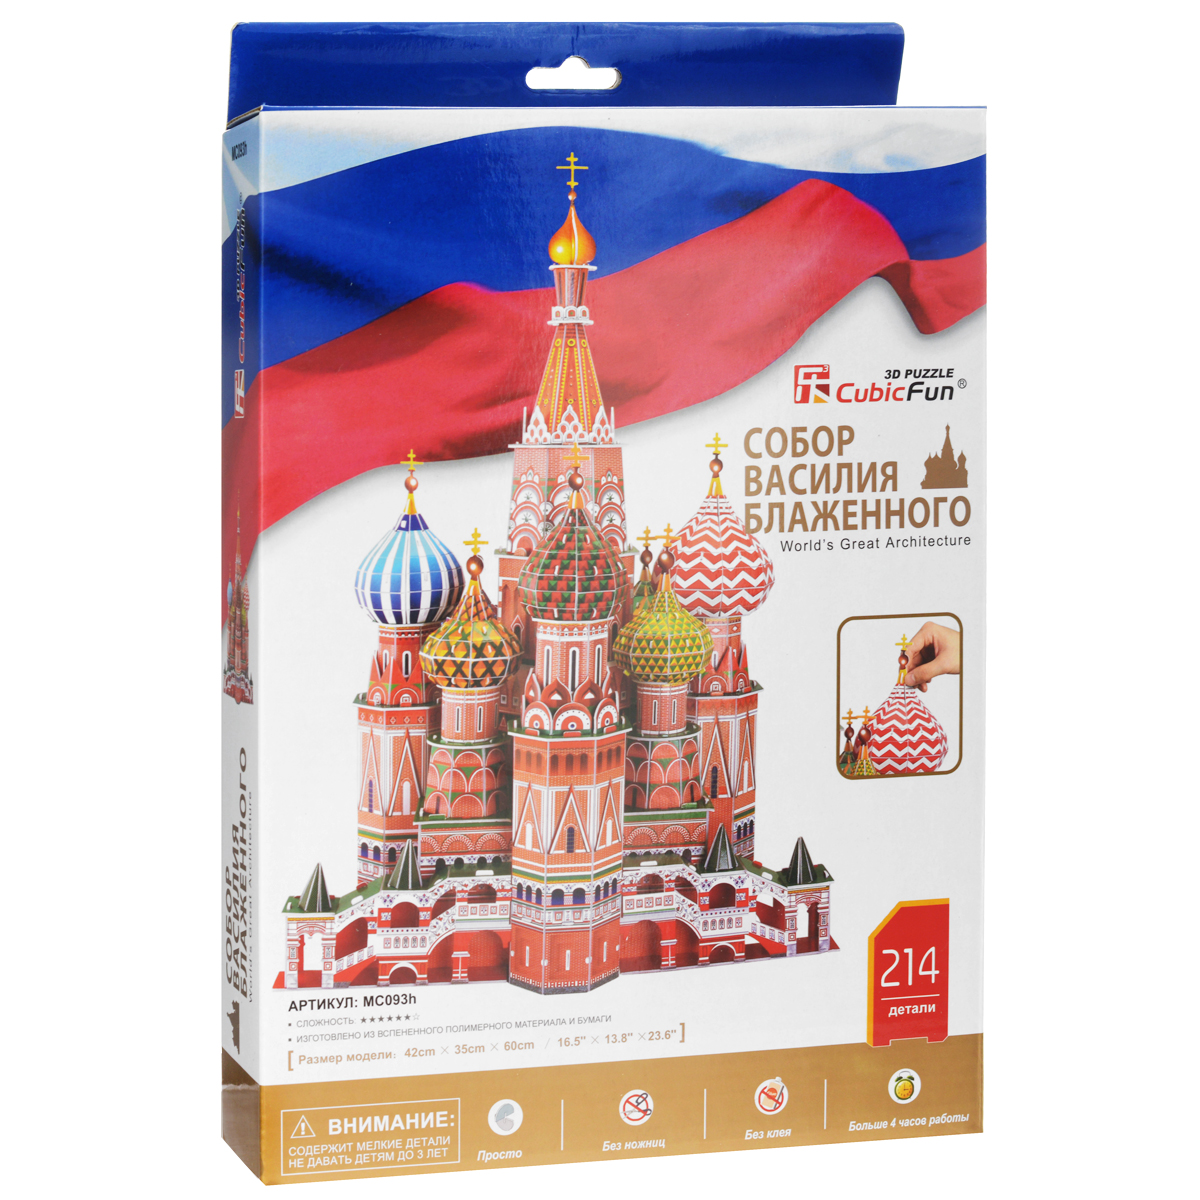 CubicFun Собор Василия Блаженного, 214 элементов еженедельник открытки из москвы собор василия блаженного